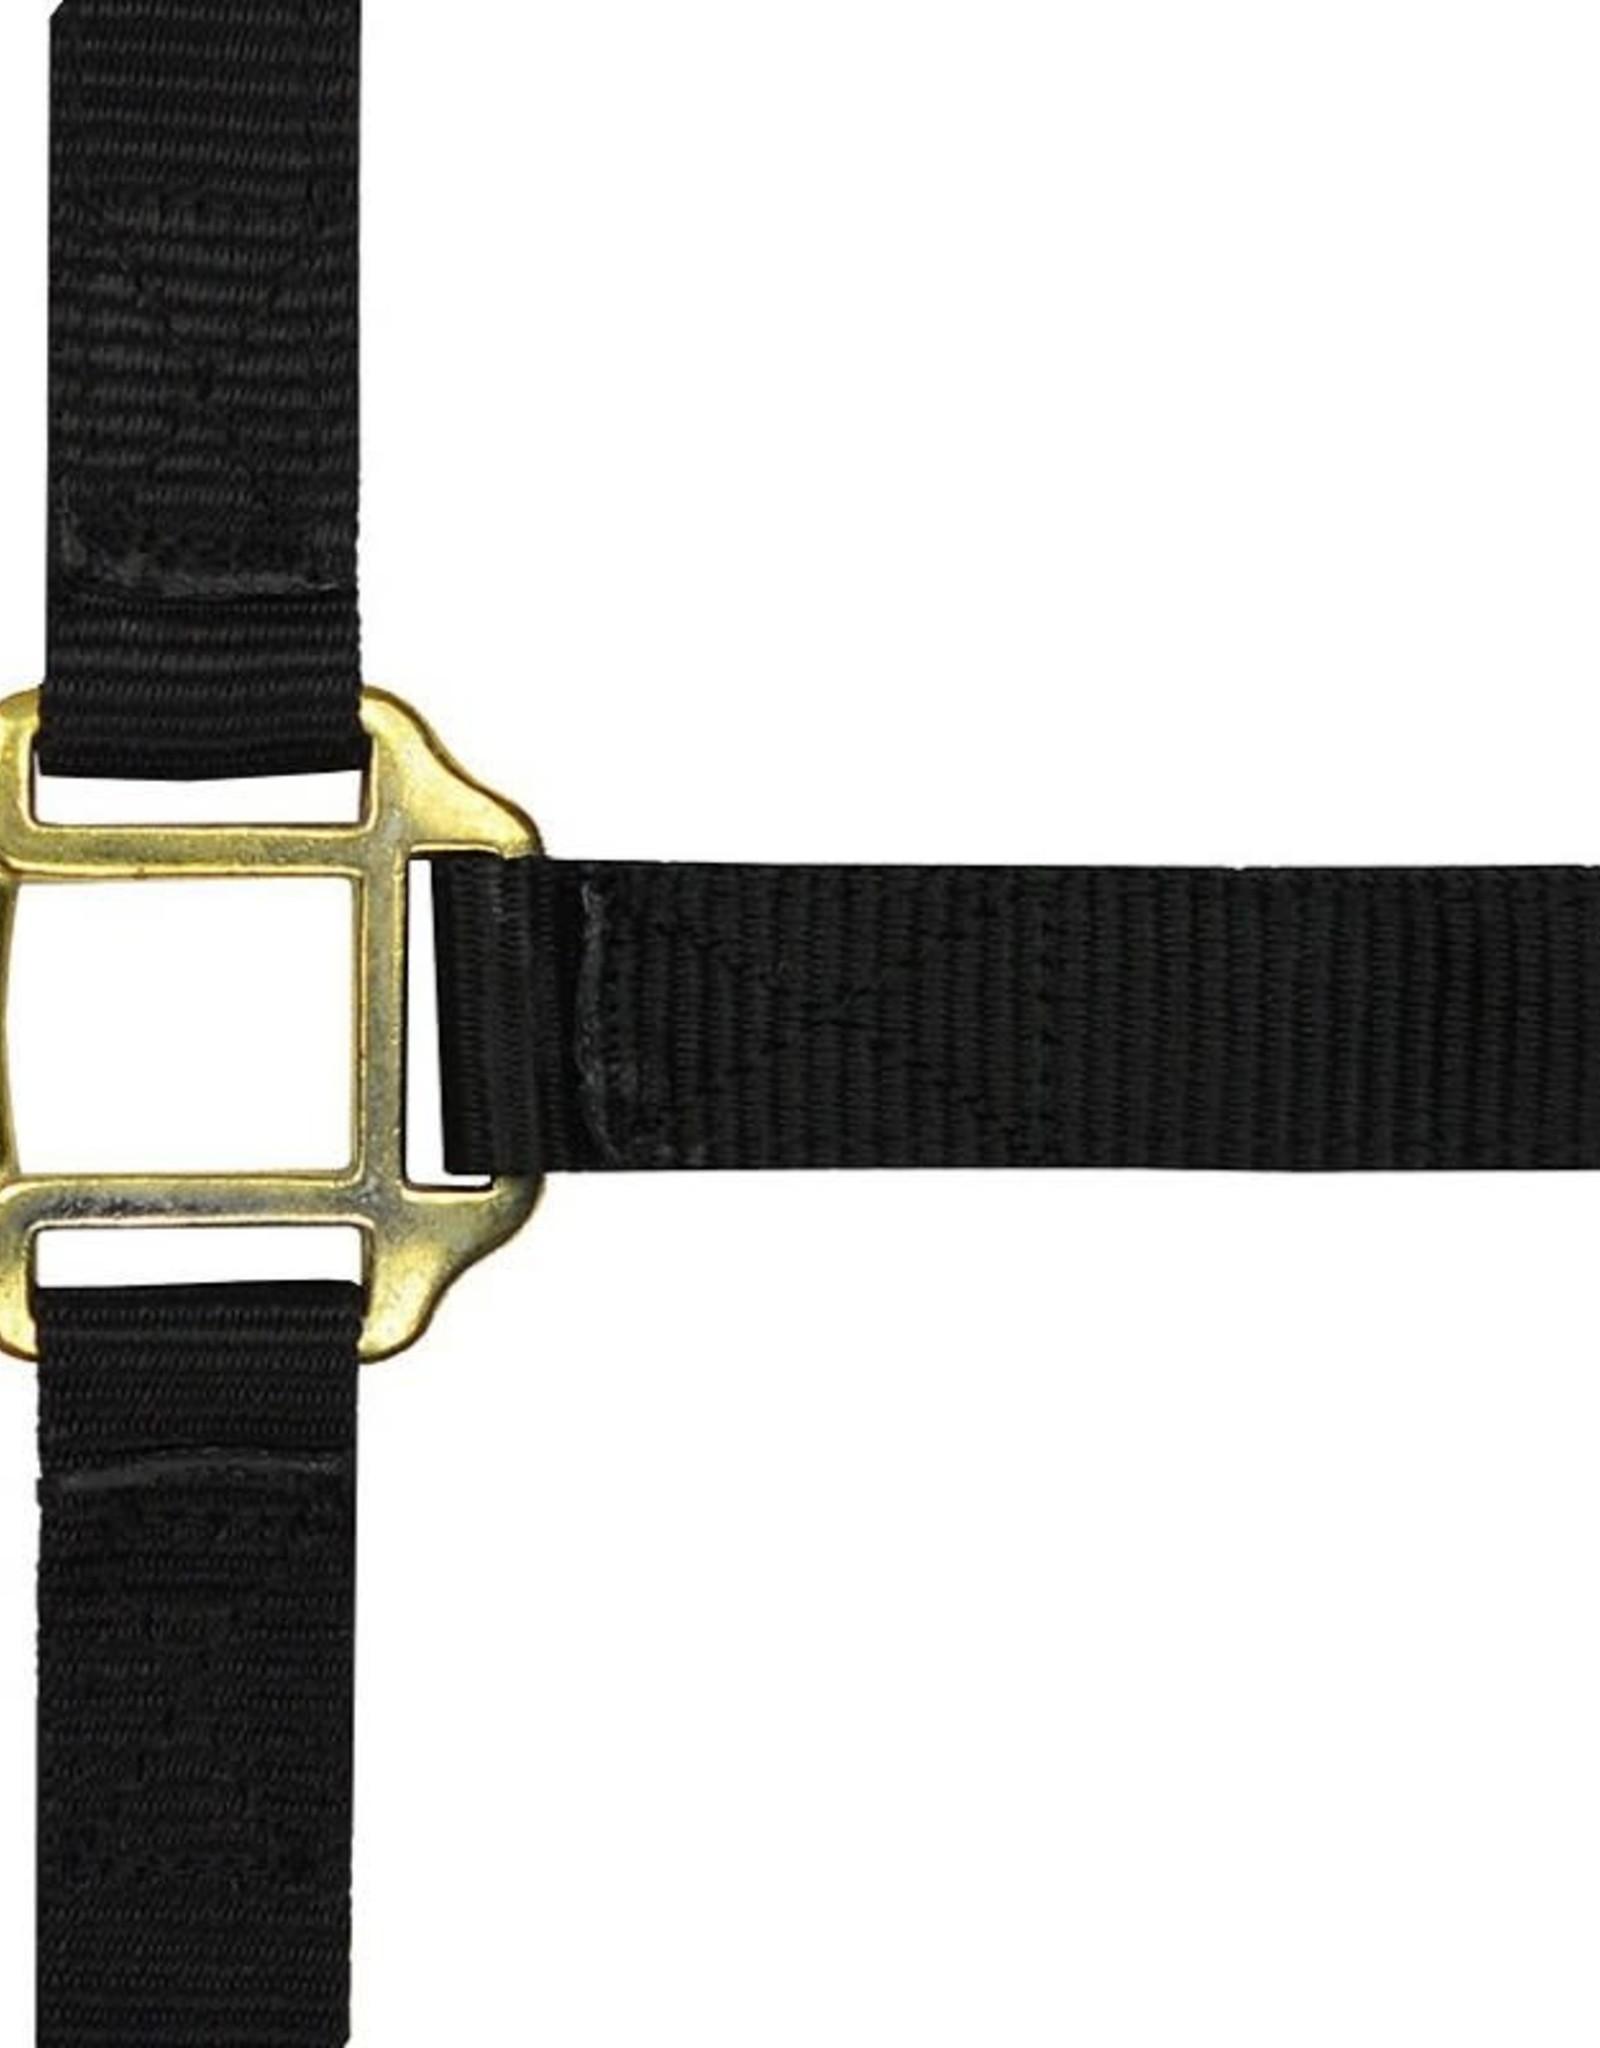 Norton EQUITM N. leder onderlegd nylon halster zwart